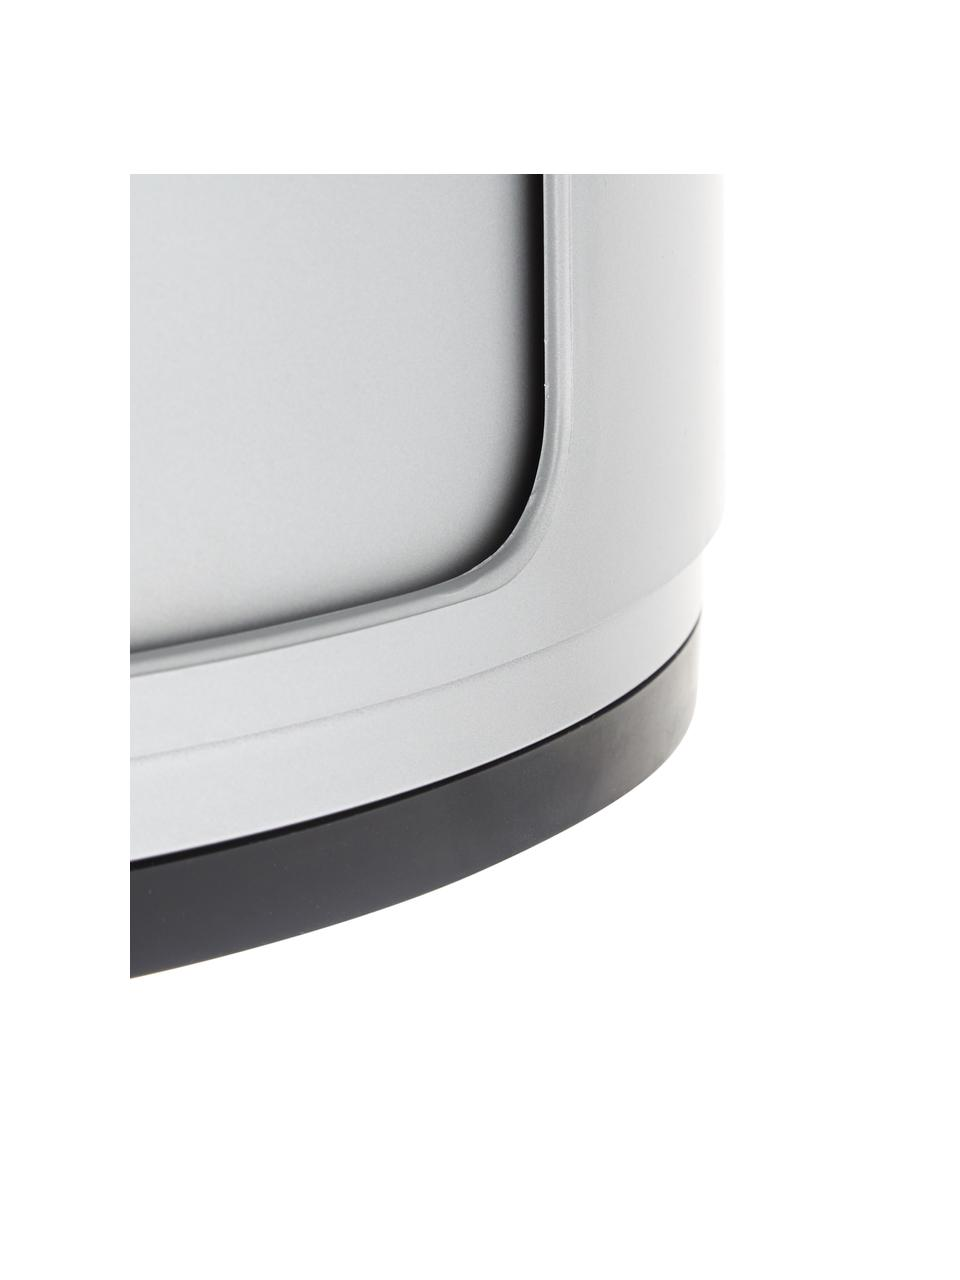 Stolik pomocniczy Componibile, Tworzywo sztuczne (ABS), lakierowane, Odcienie srebrnego, Ø 32 x W 40 cm